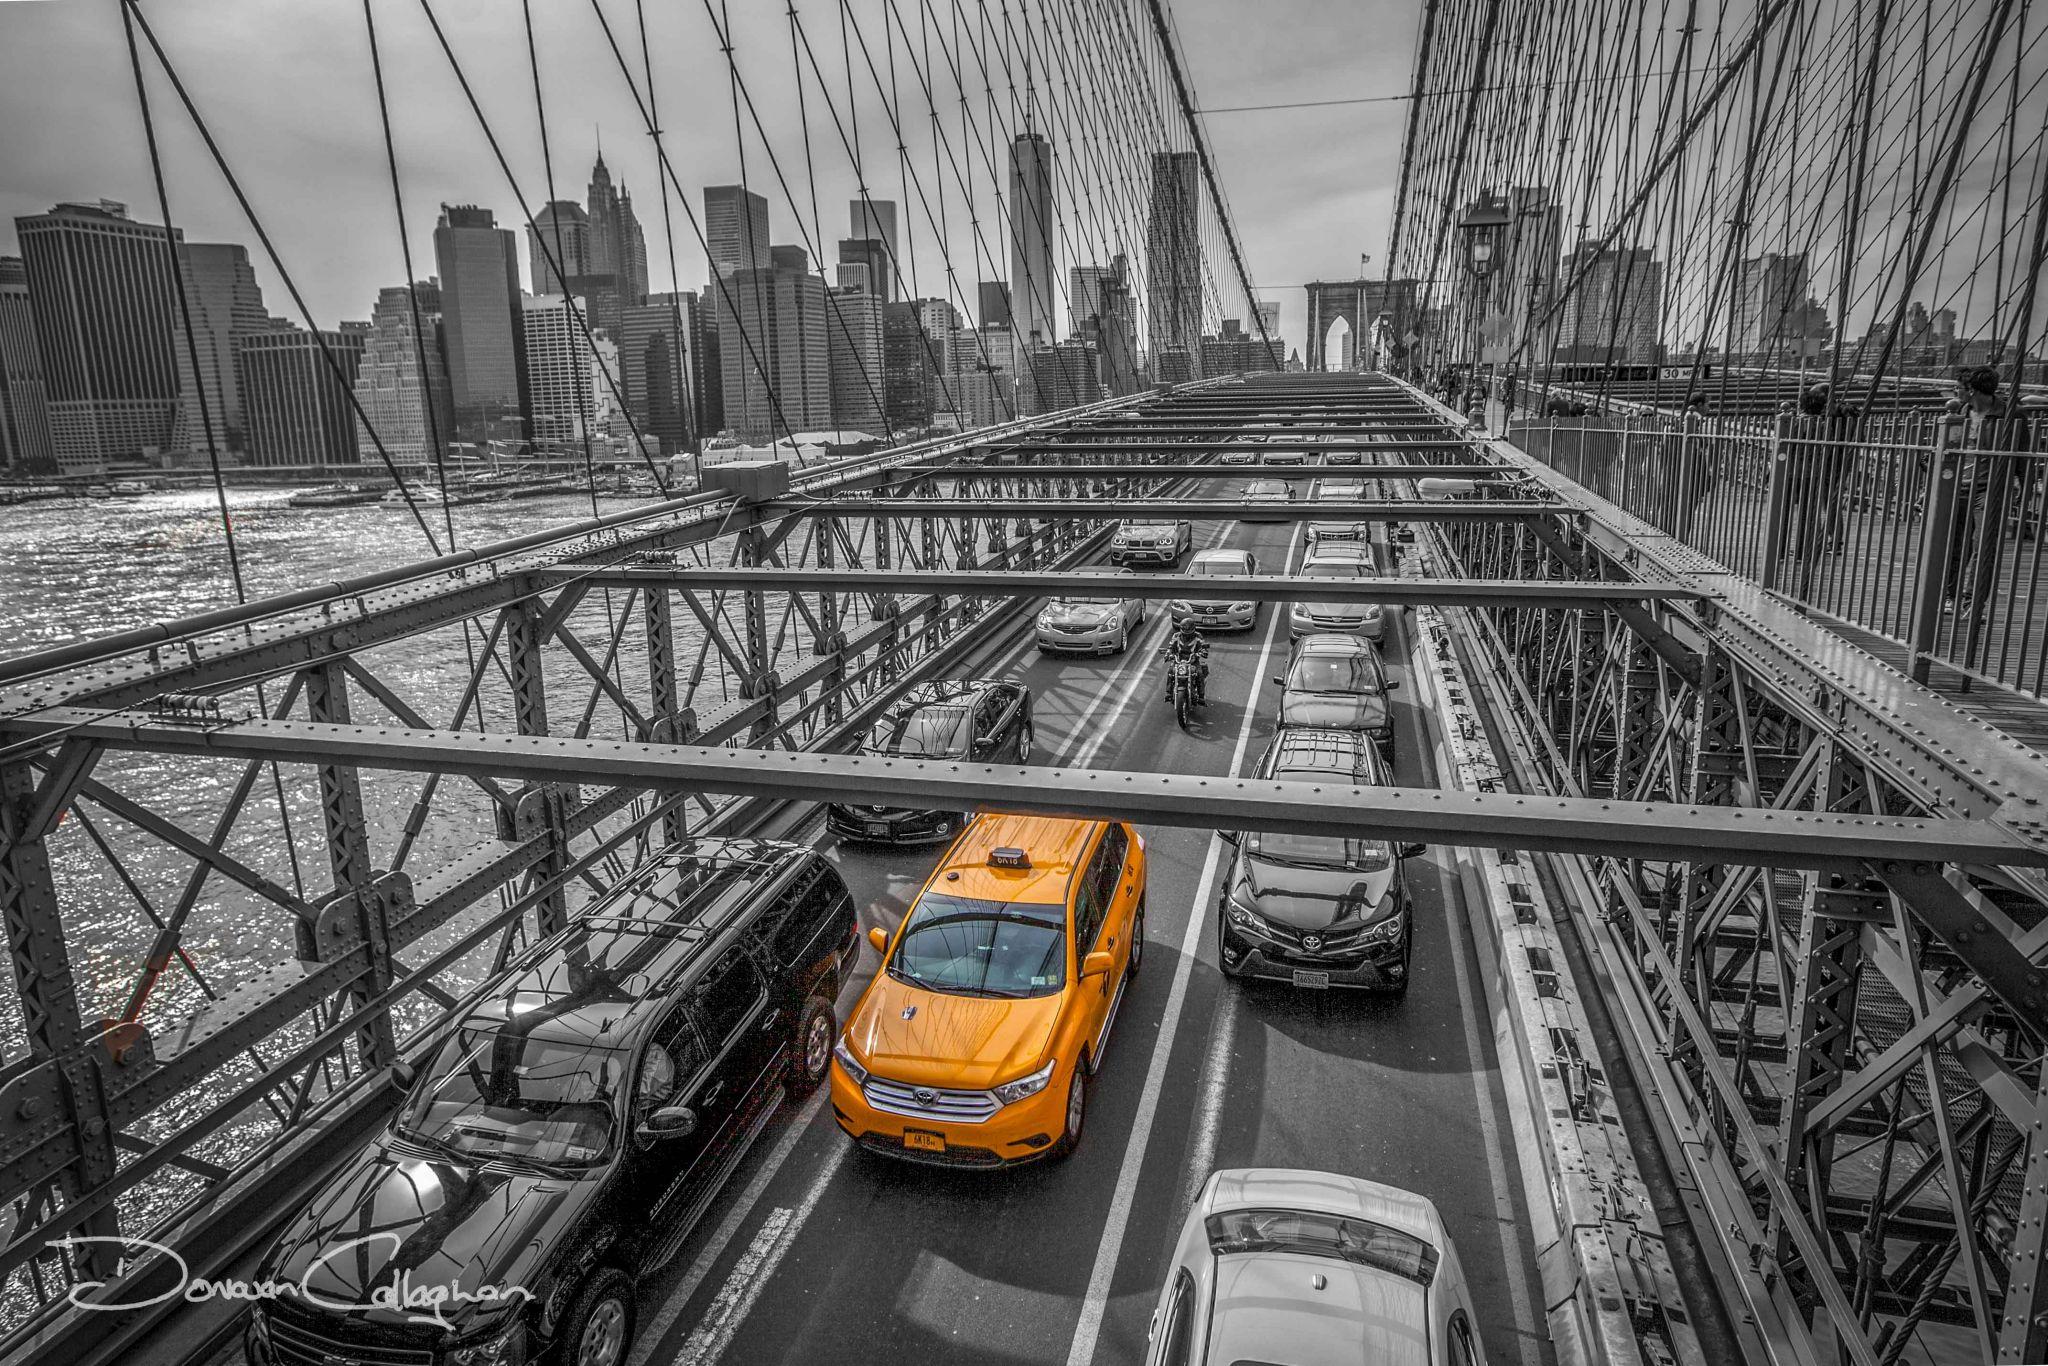 Brooklyn Bridge Yellow Taxi, USA